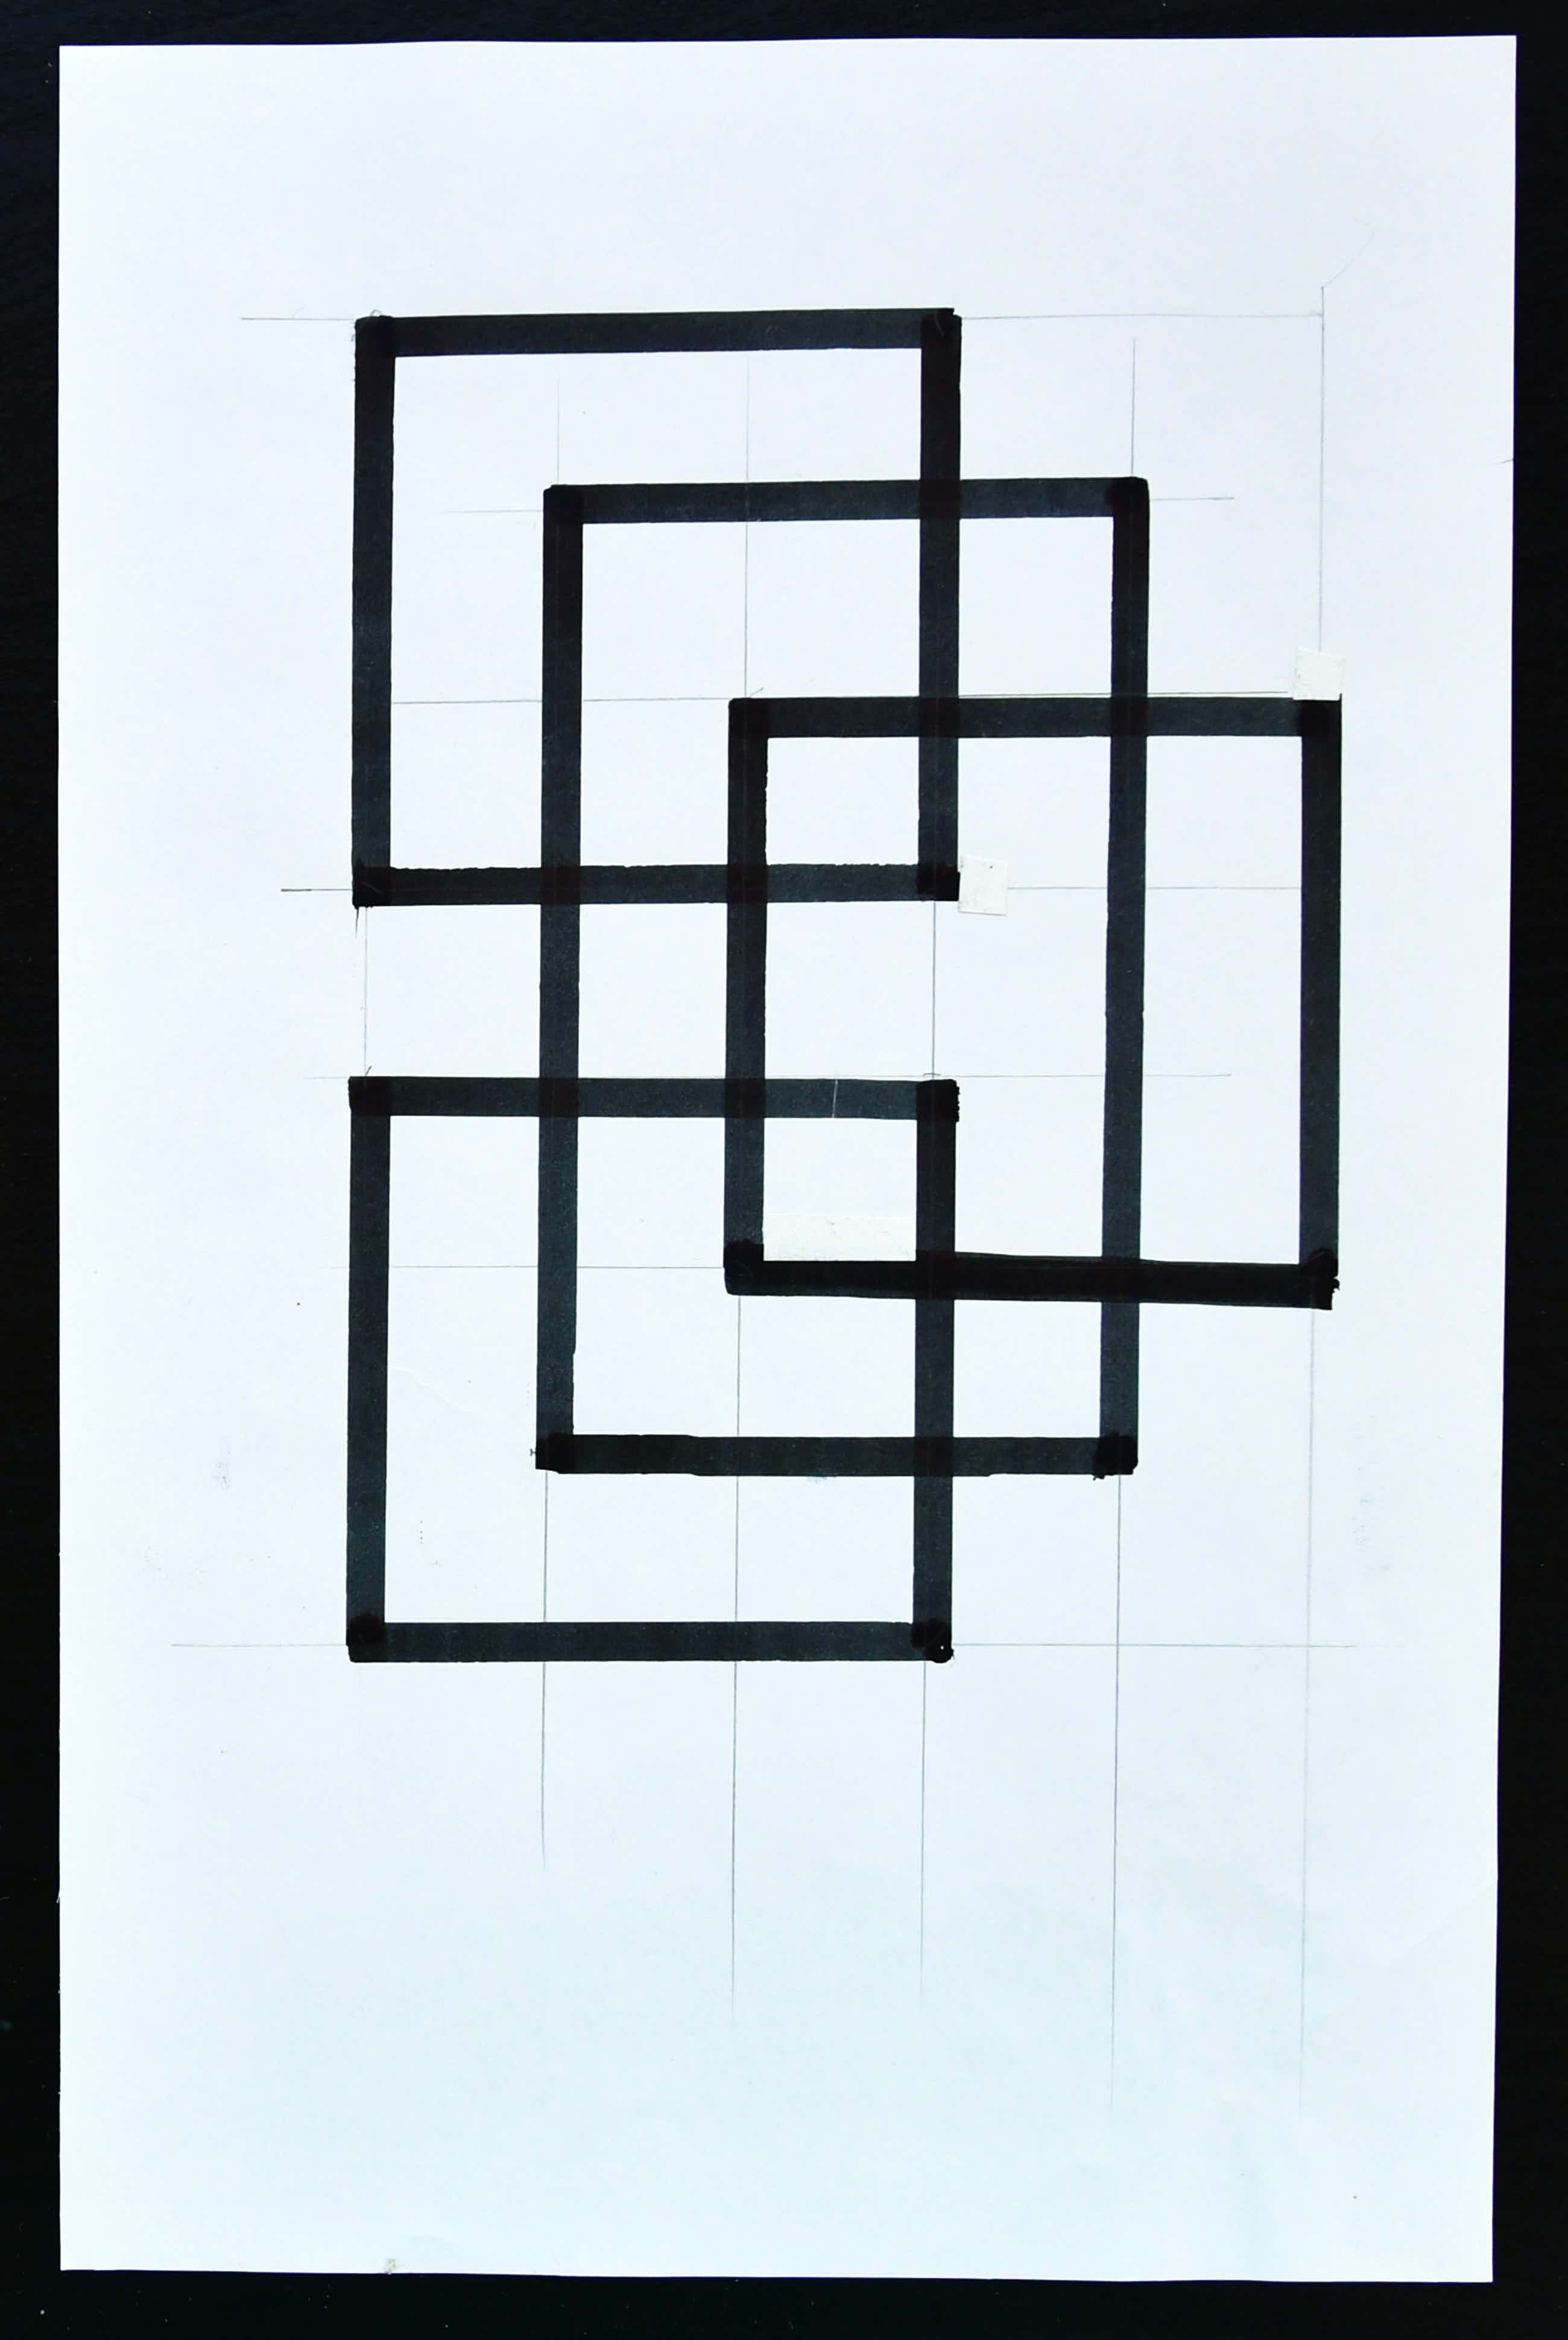 Siep van den Berg - #VIER RECHTHOEKEN , Constructivistische compositie# 1990, mint- kopen? Bied vanaf 36!